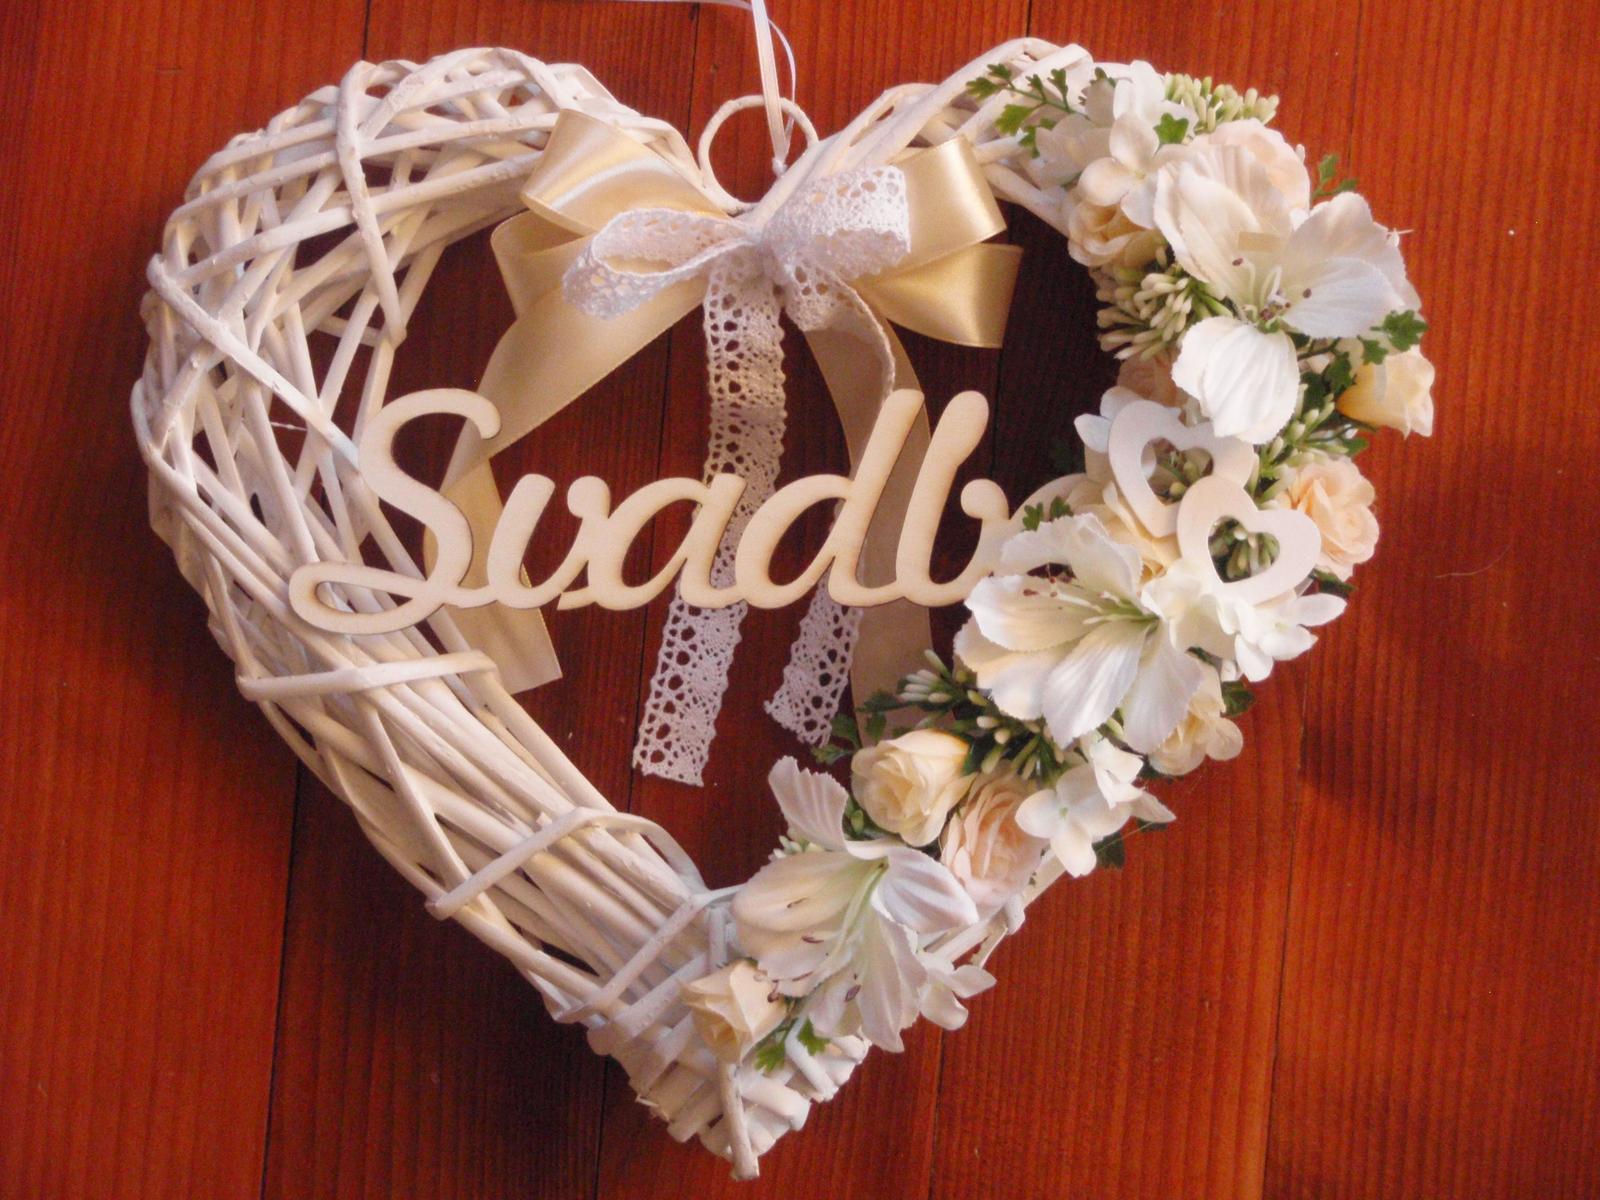 Č. 115 Marhuľkové srdce s nápisom Svadba - Obrázok č. 1